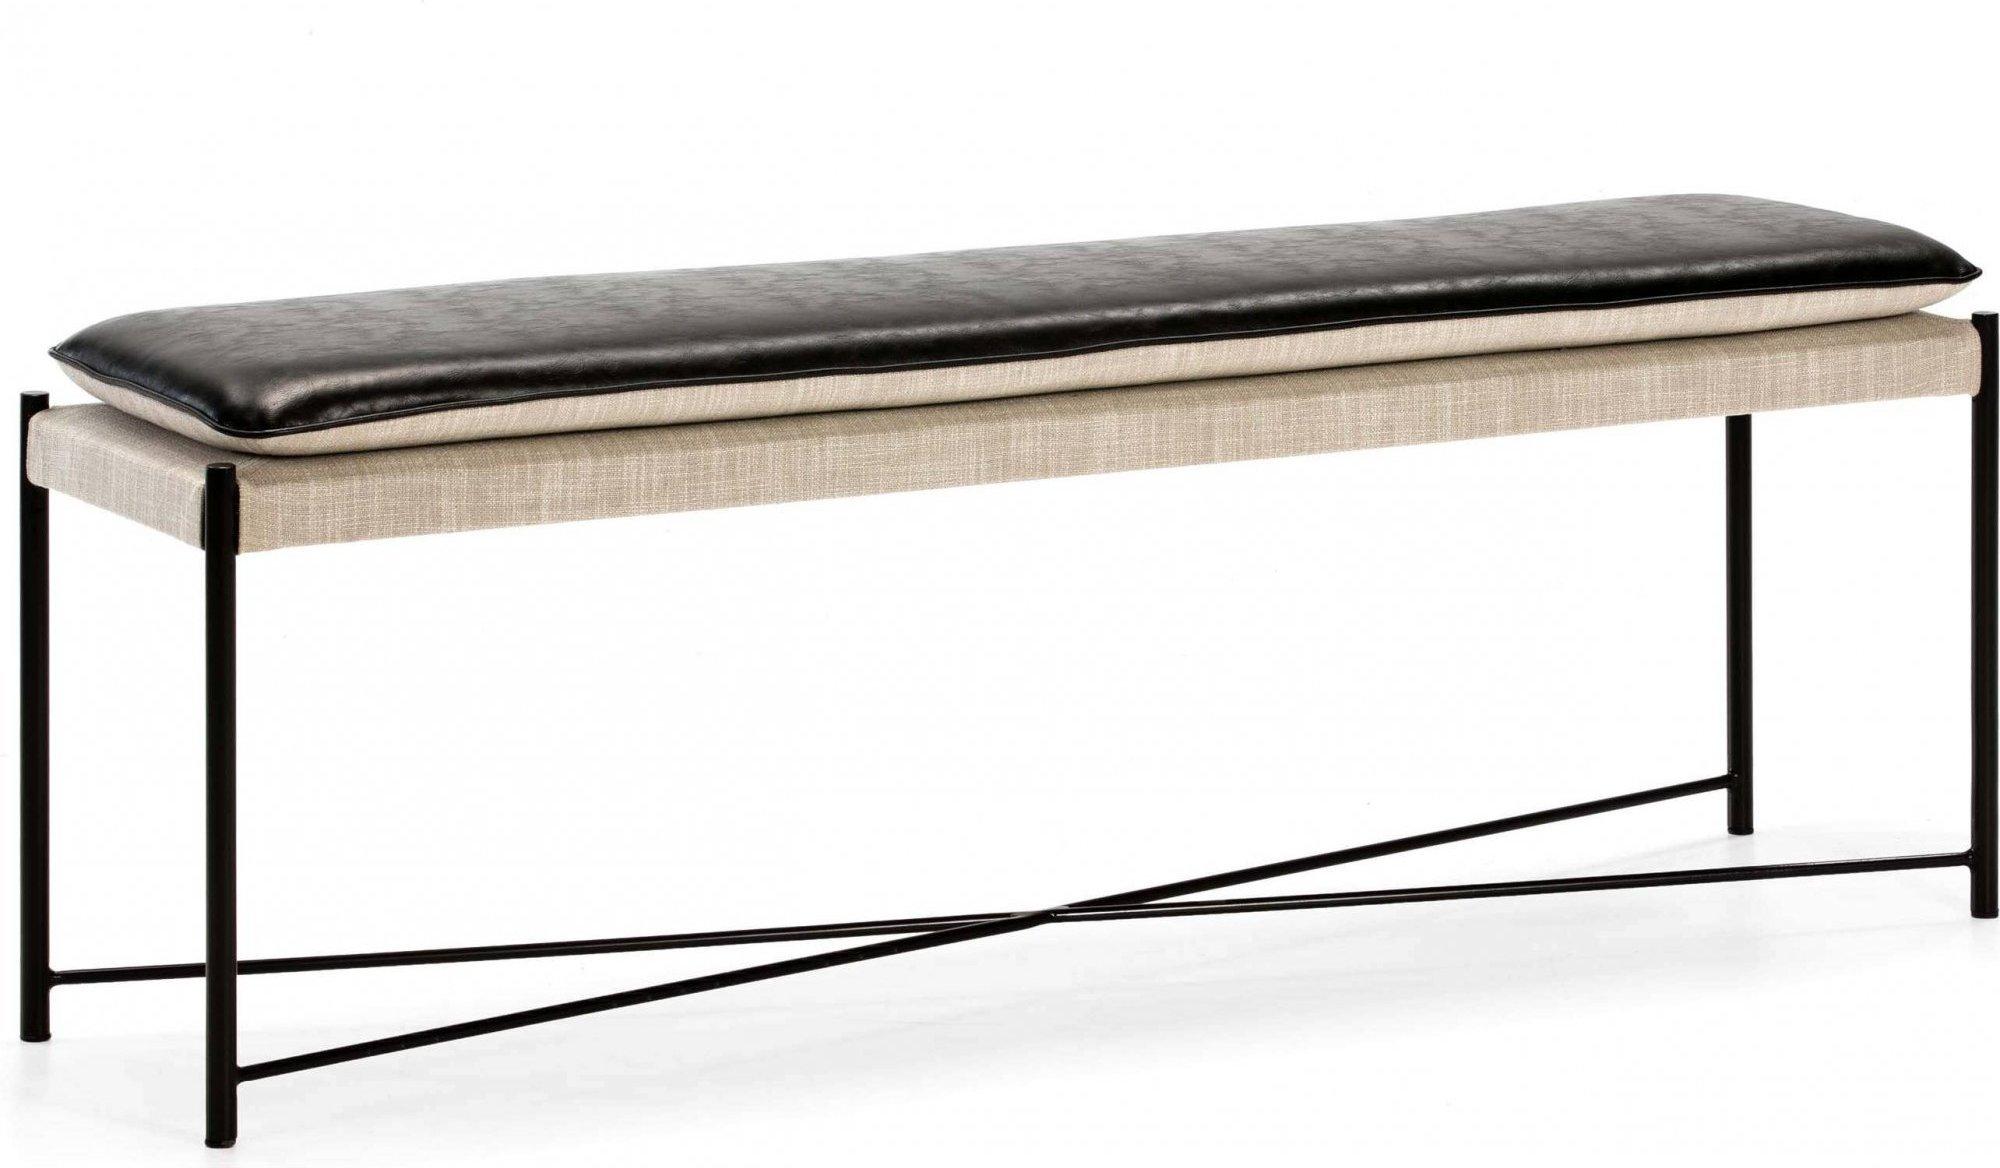 Banc métal noir coussin noir et beige l132cm